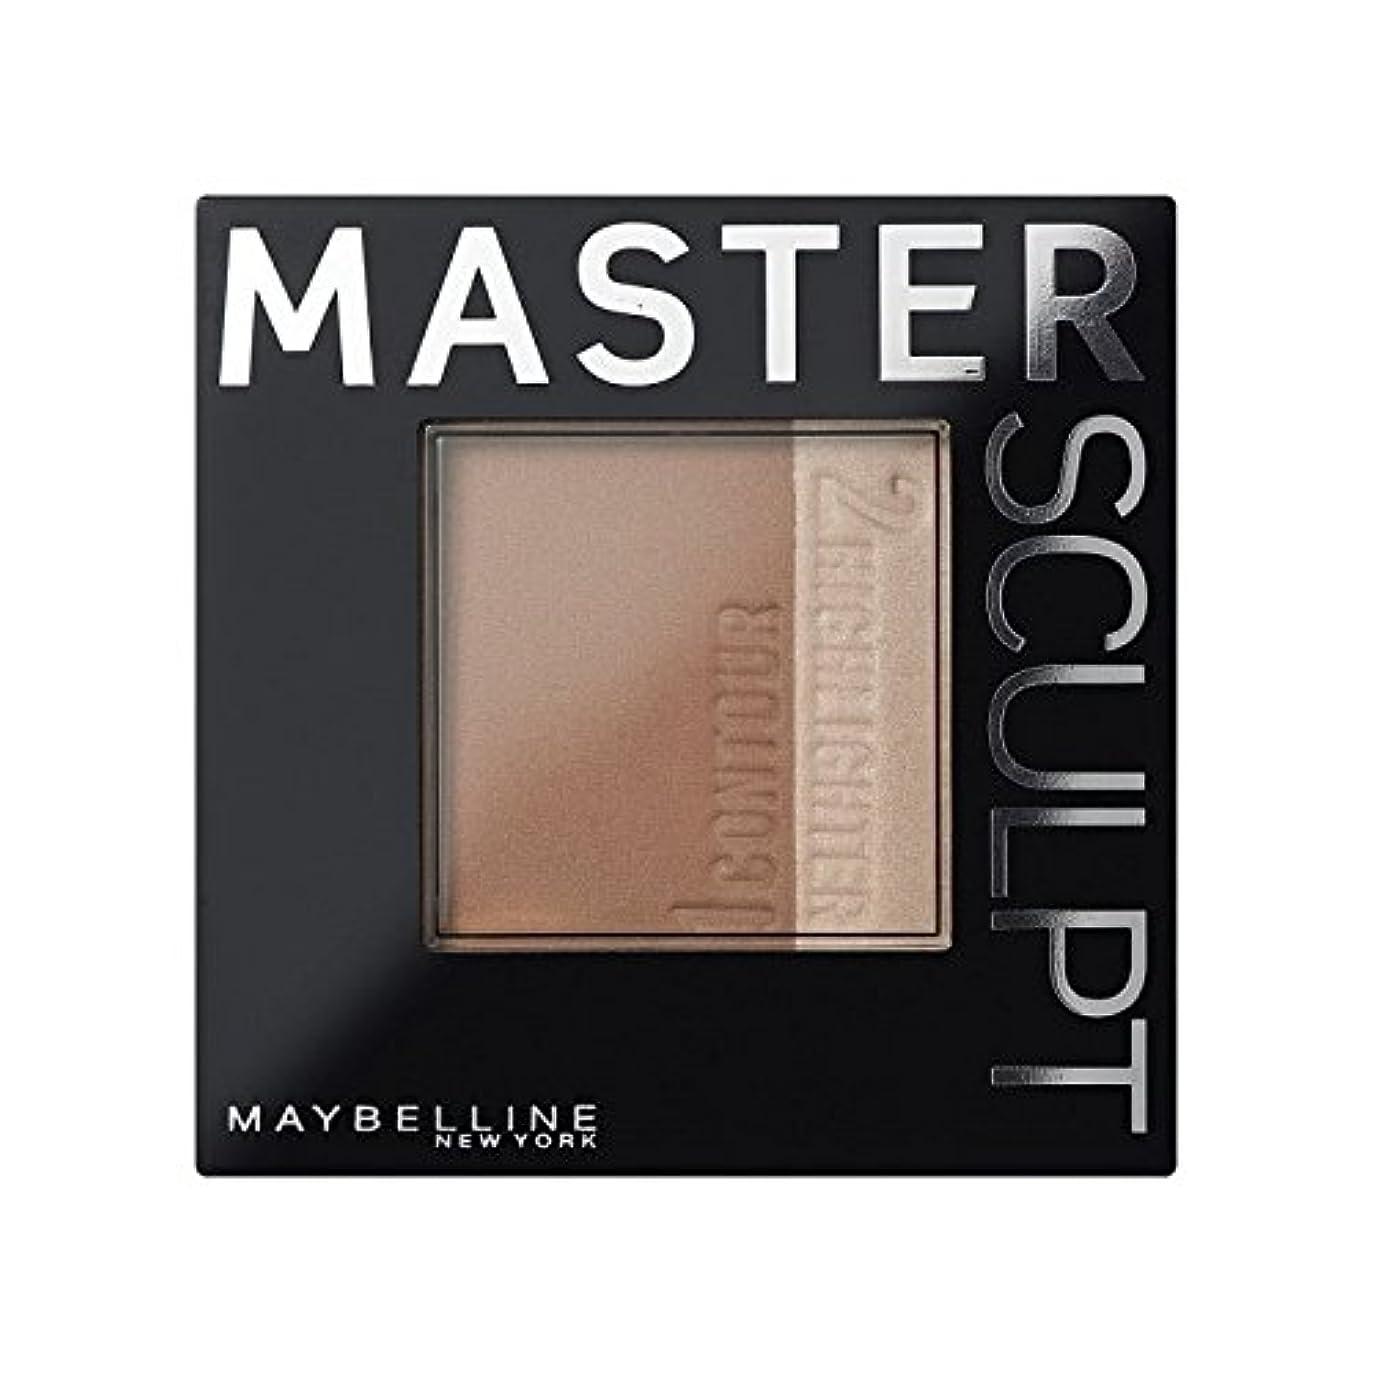 投資会話ゴムメイベリンマスタースカルプト基盤02の /暗い輪郭 x4 - Maybelline Master Sculpt Contouring Foundation 02 Med/Dark (Pack of 4) [並行輸入品]